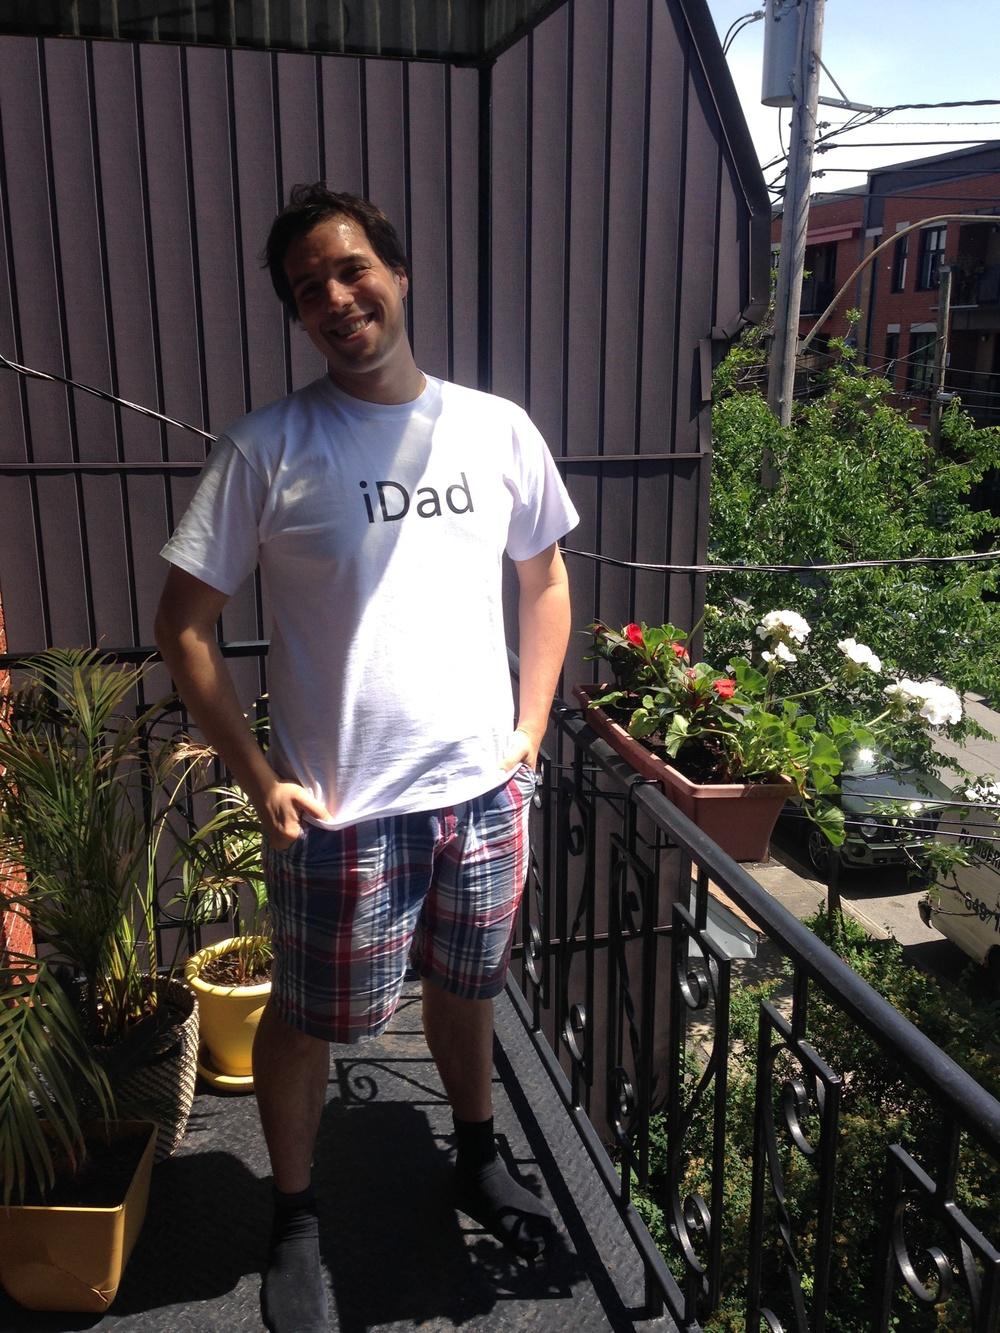 Max neues T-Shirt - sein erstes Vatertagsgeschenk